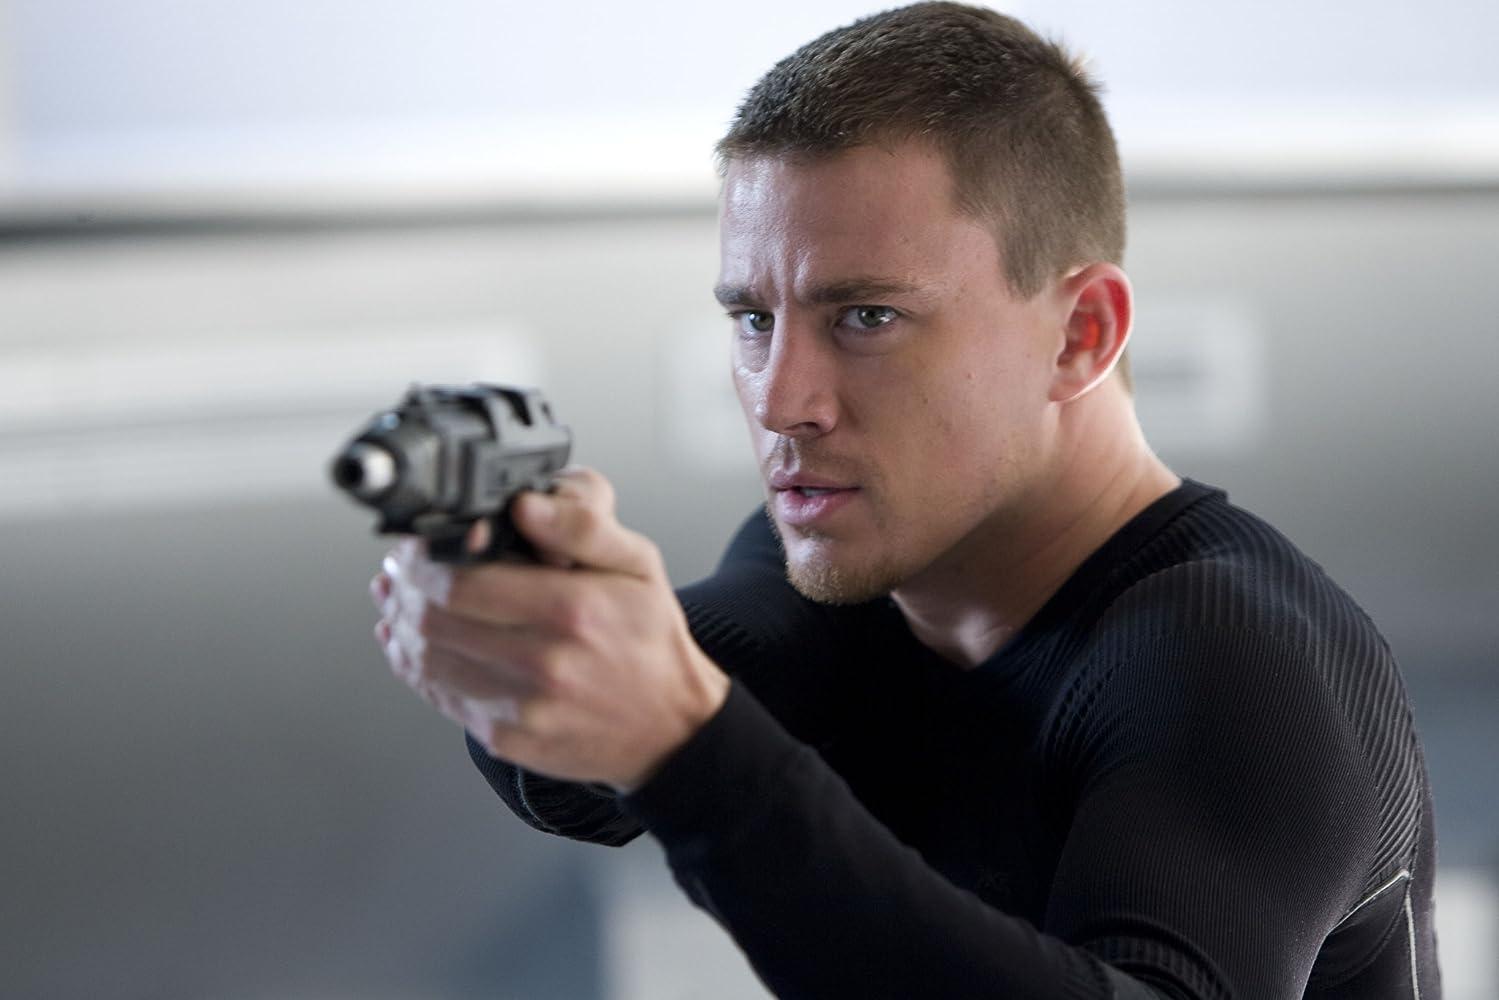 Channing Tatum in G.I. Joe: The Rise of Cobra (2009)